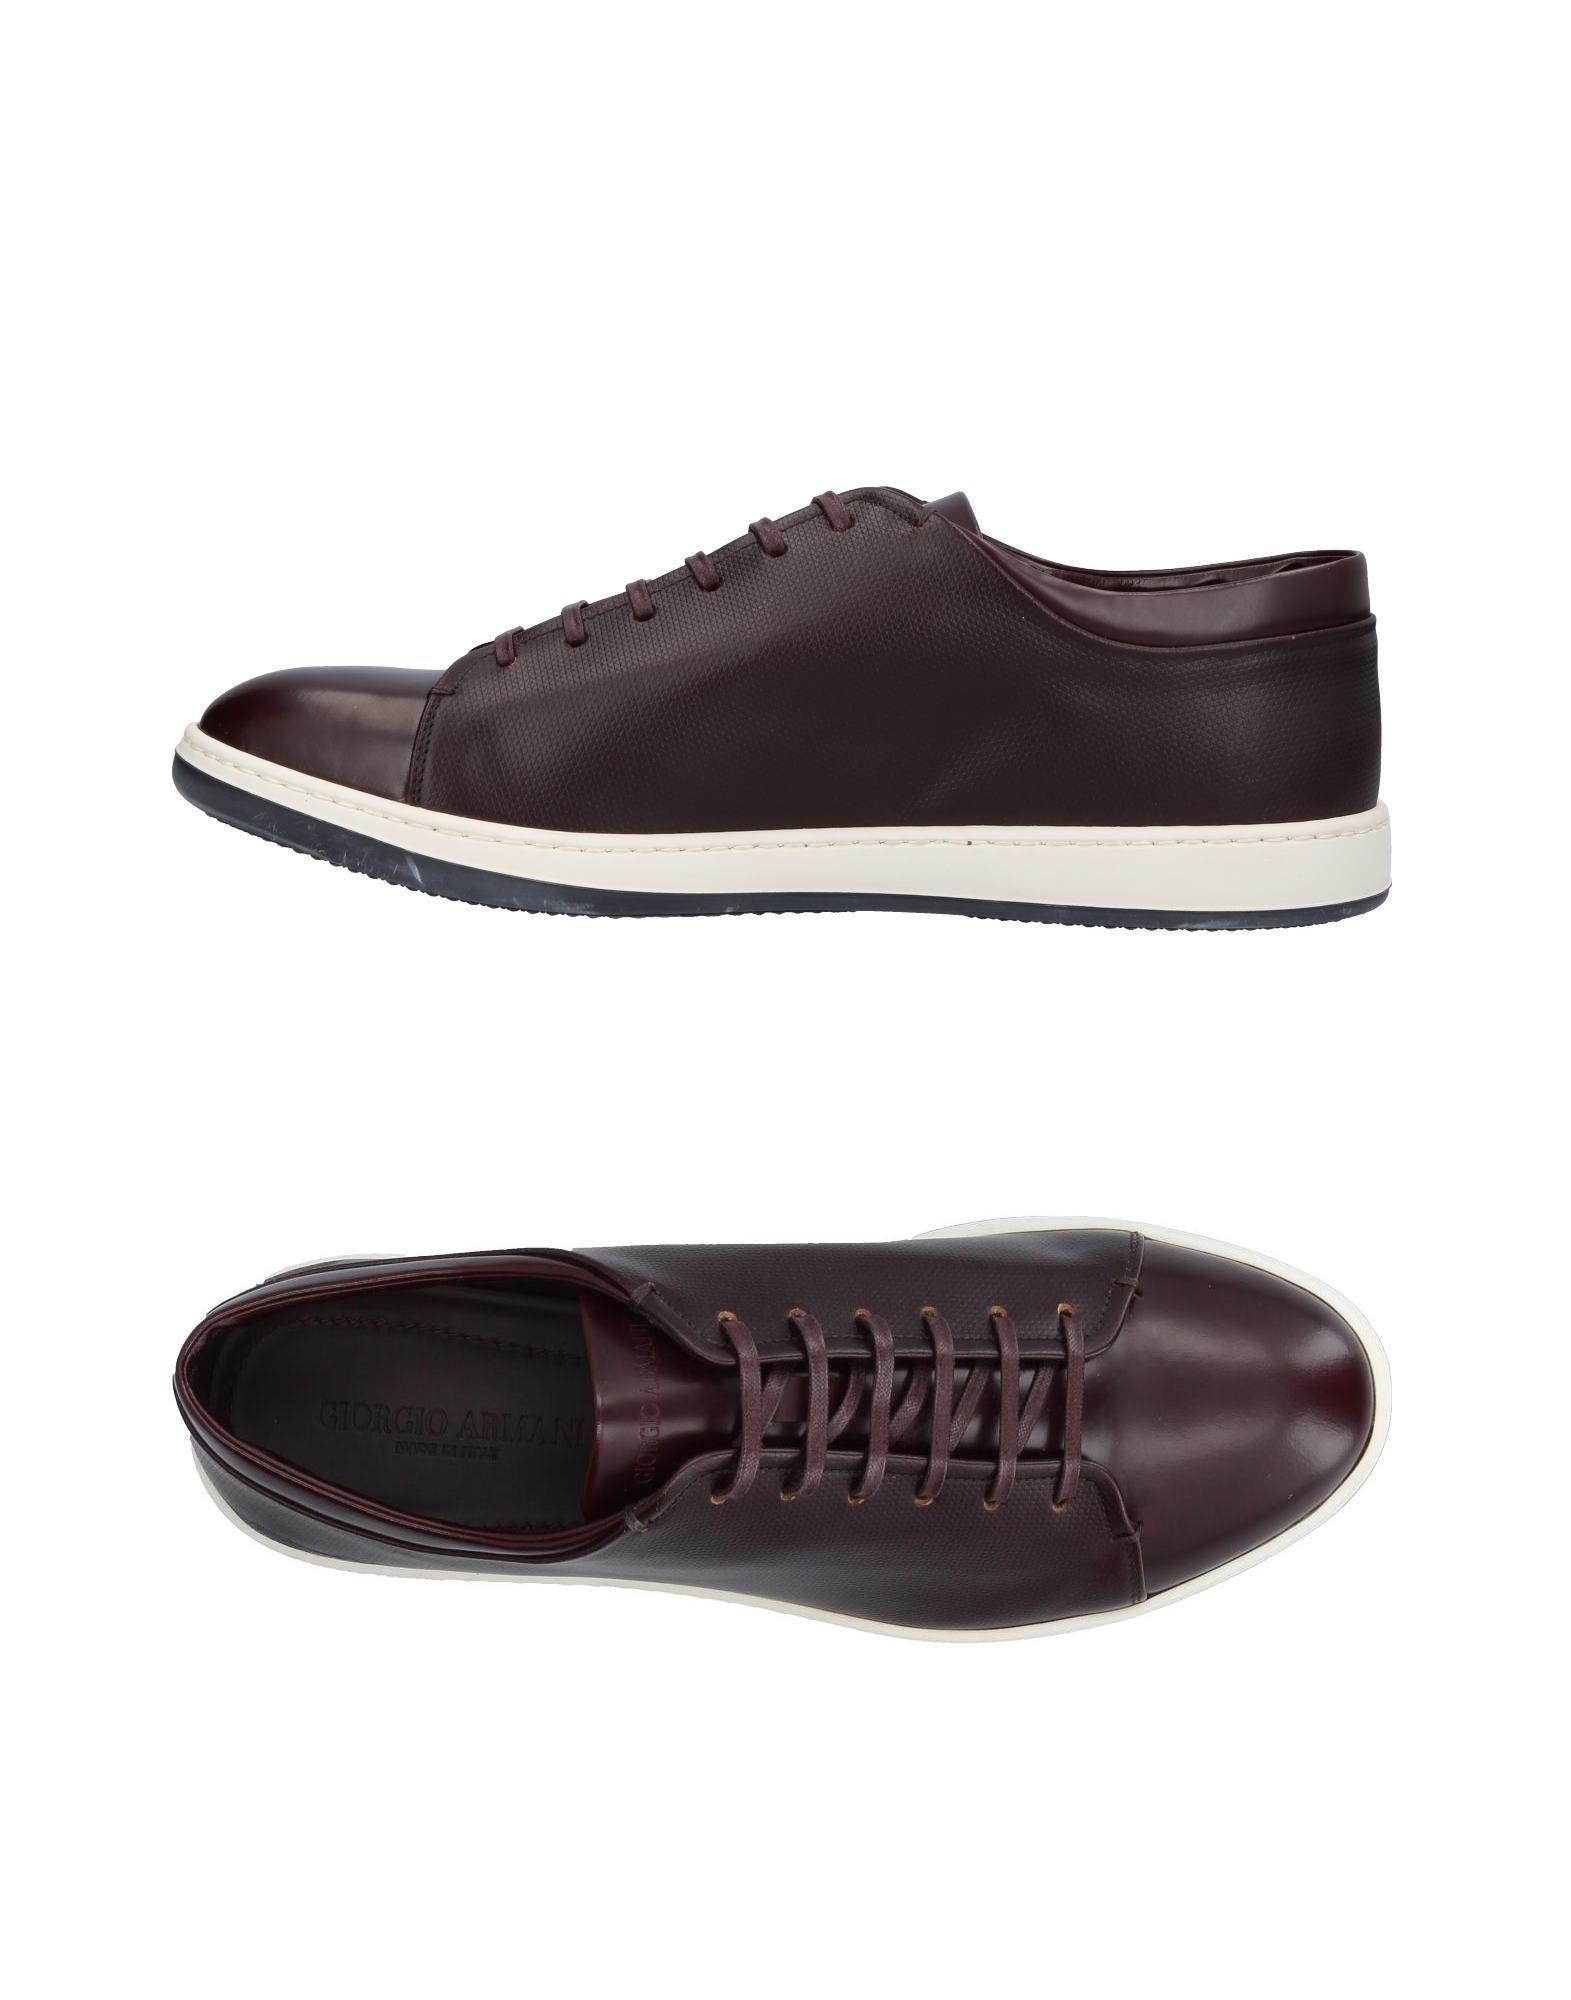 cf6526634 GIORGIO ARMANI .  giorgioarmani  shoes